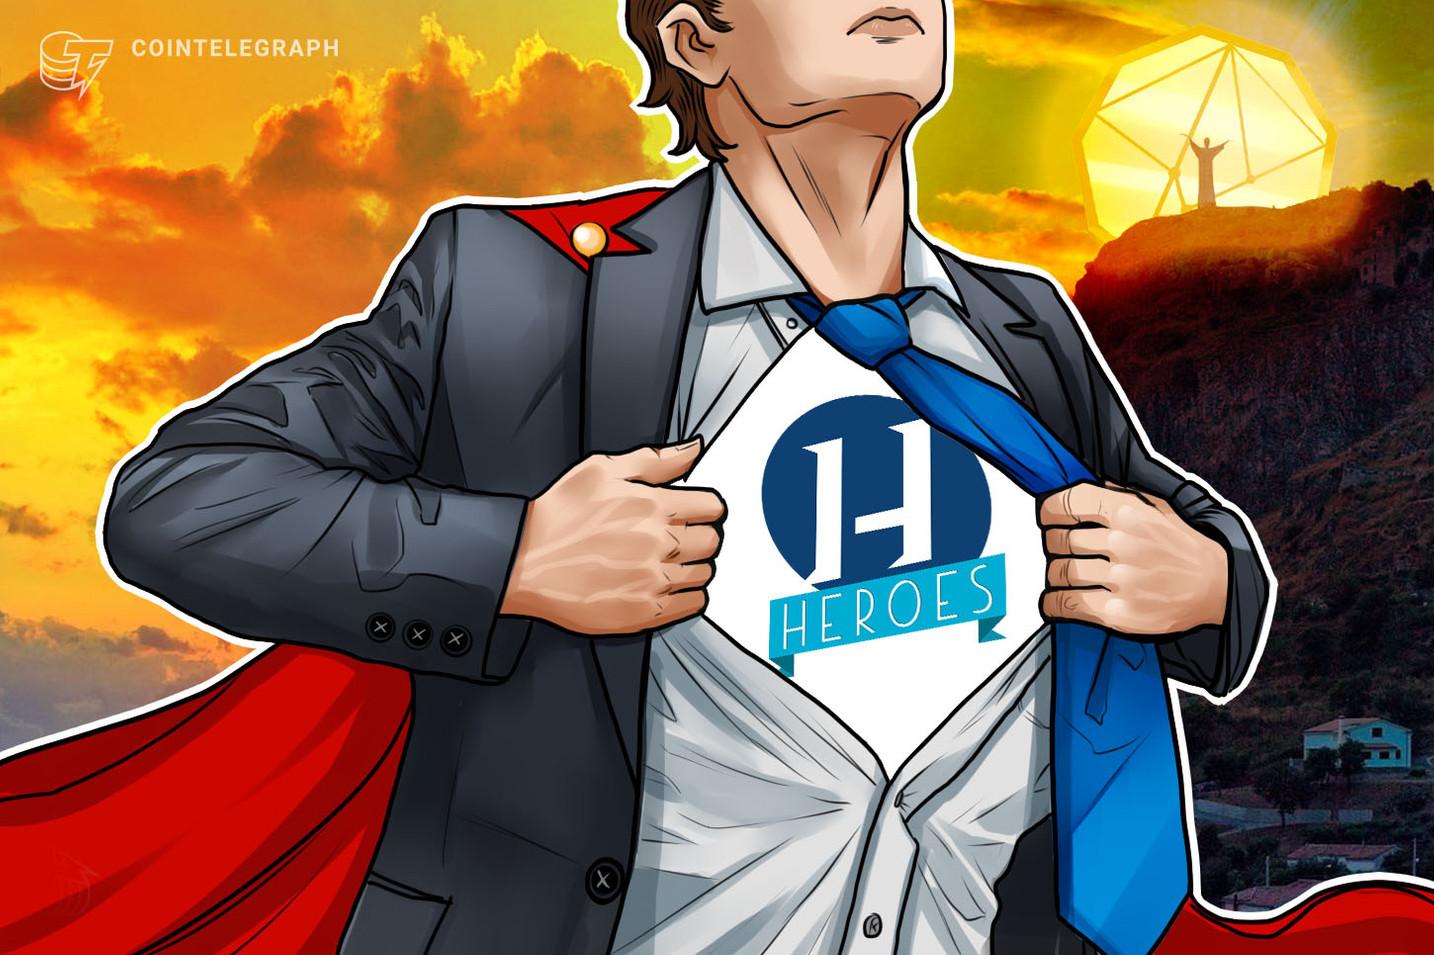 Heroes Maratea: in Italia si parla di blockchain, intervista a Thomas Bertani